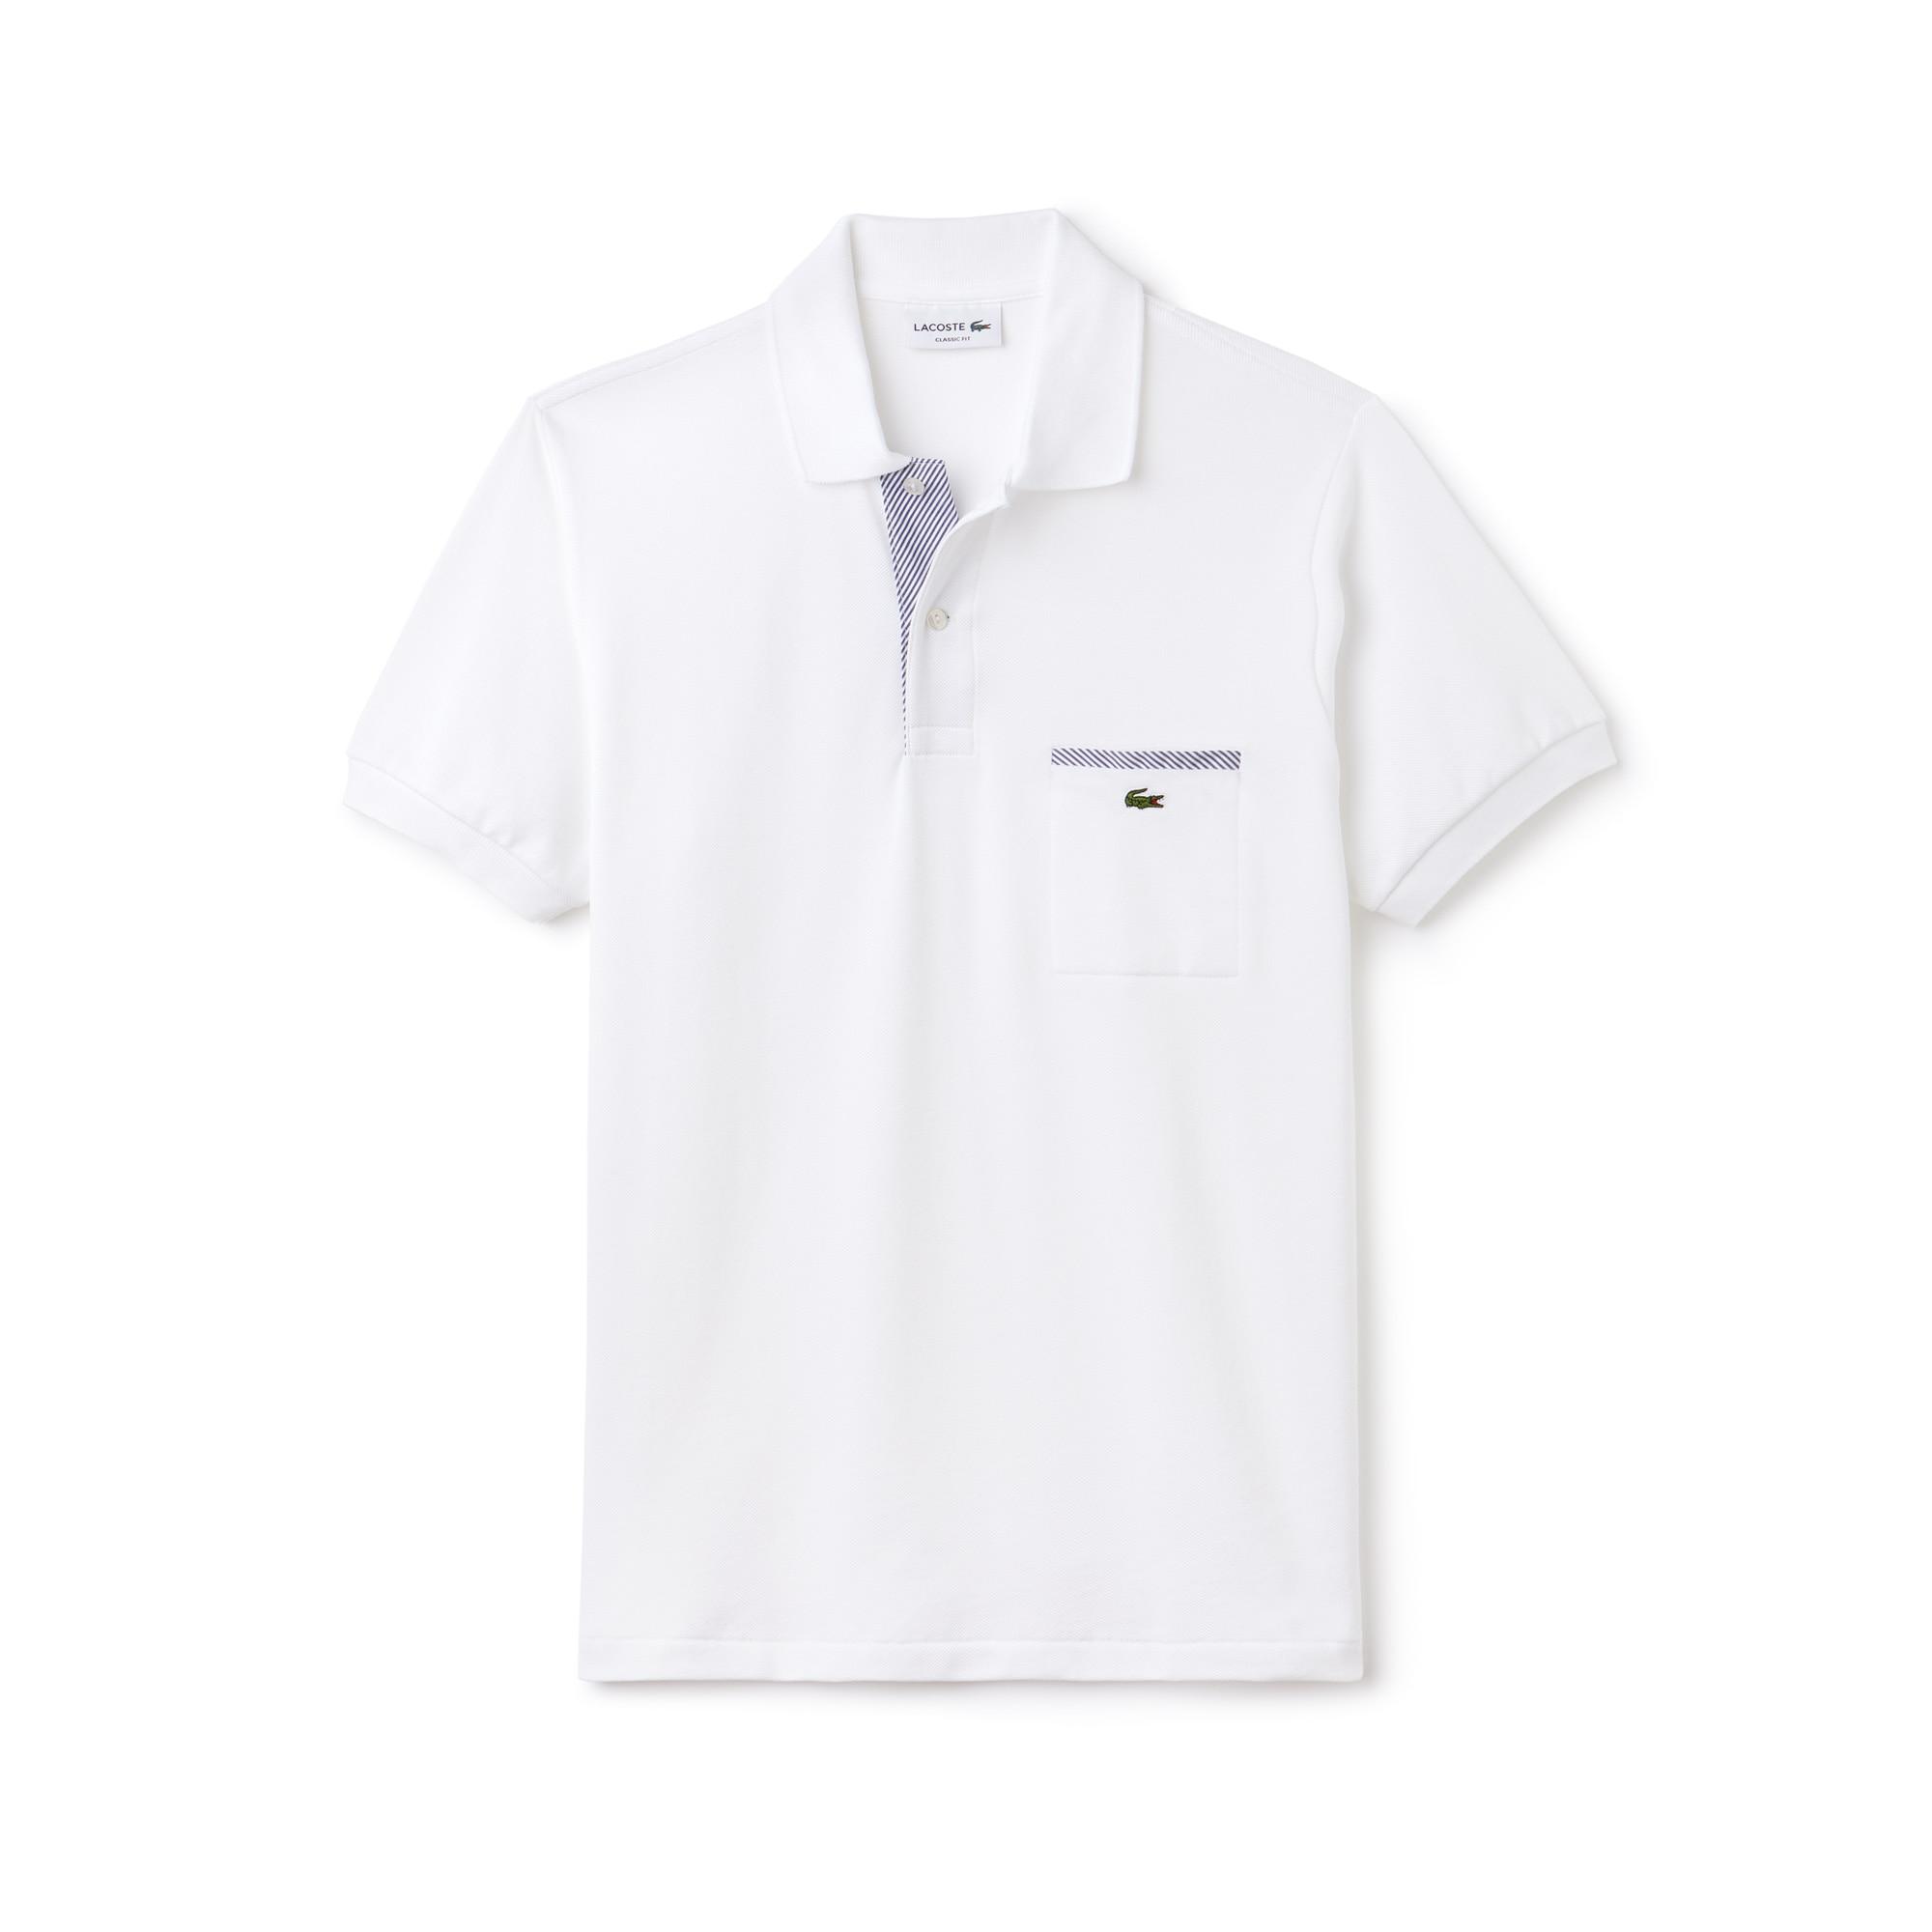 Camisa Polo Lacoste L.12.12 com Detalhes Contrastantes